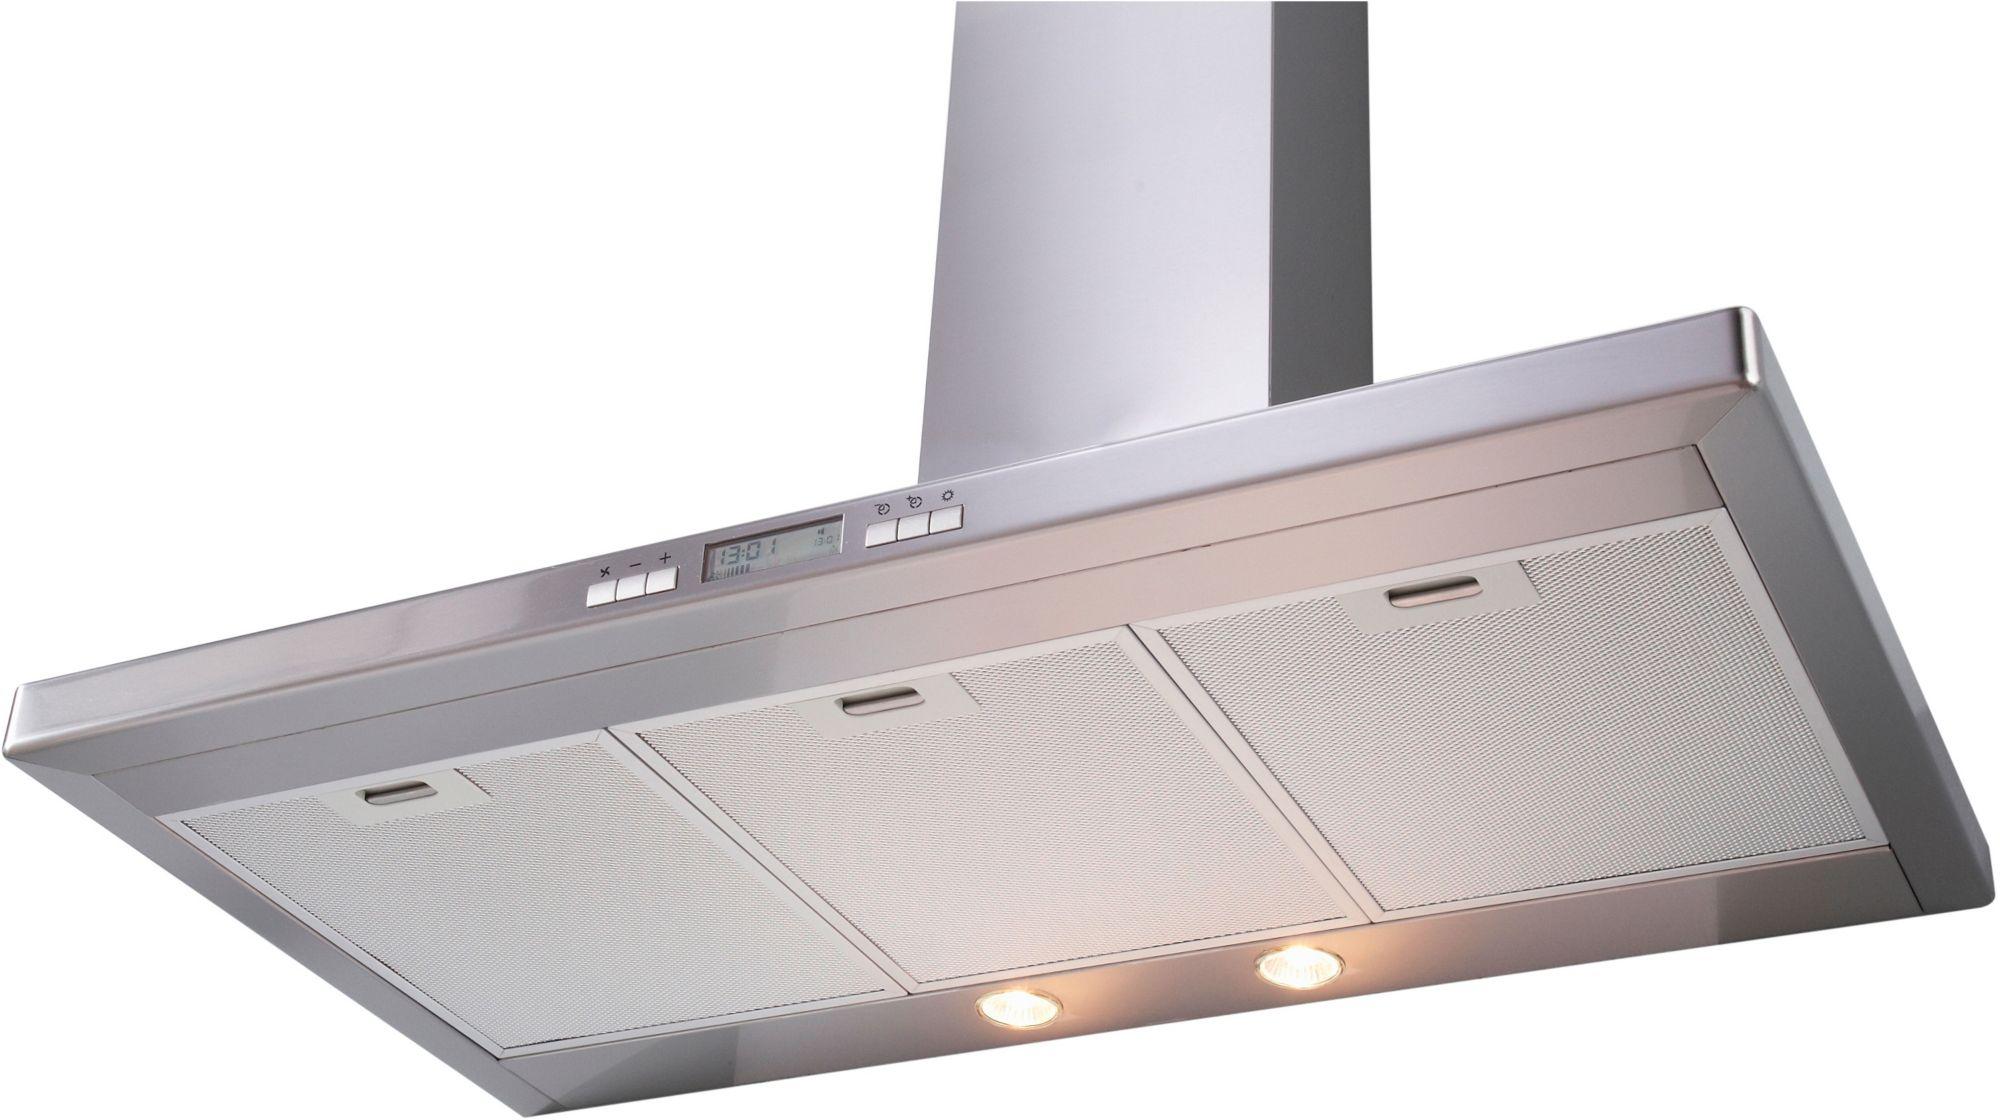 Deckenlüfter küche umluft test dunstabzugshaube kochinsel abluft